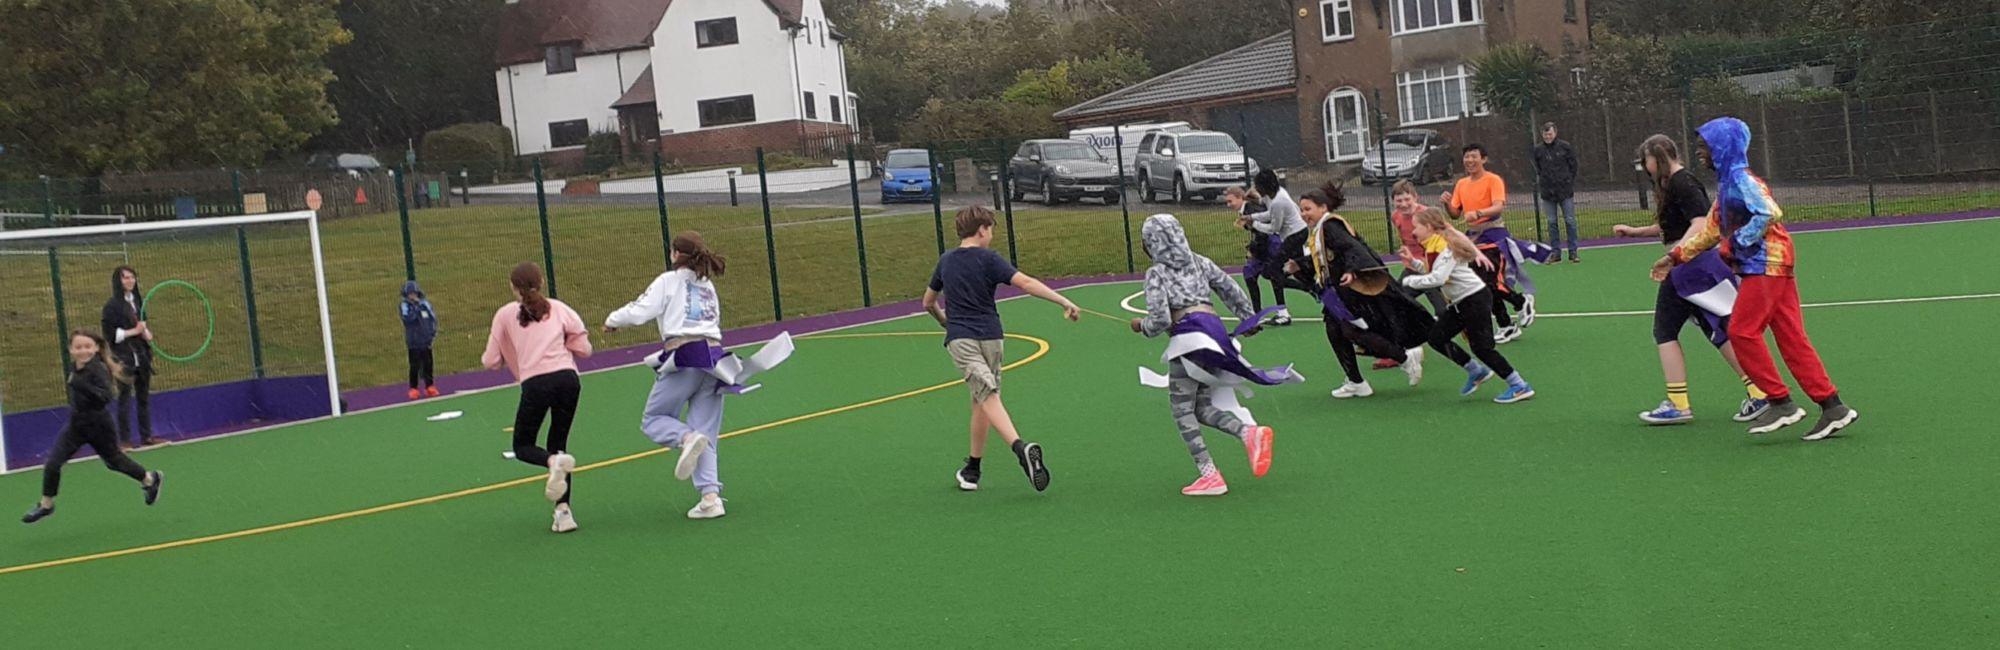 wycliffe boarding school pupils outside